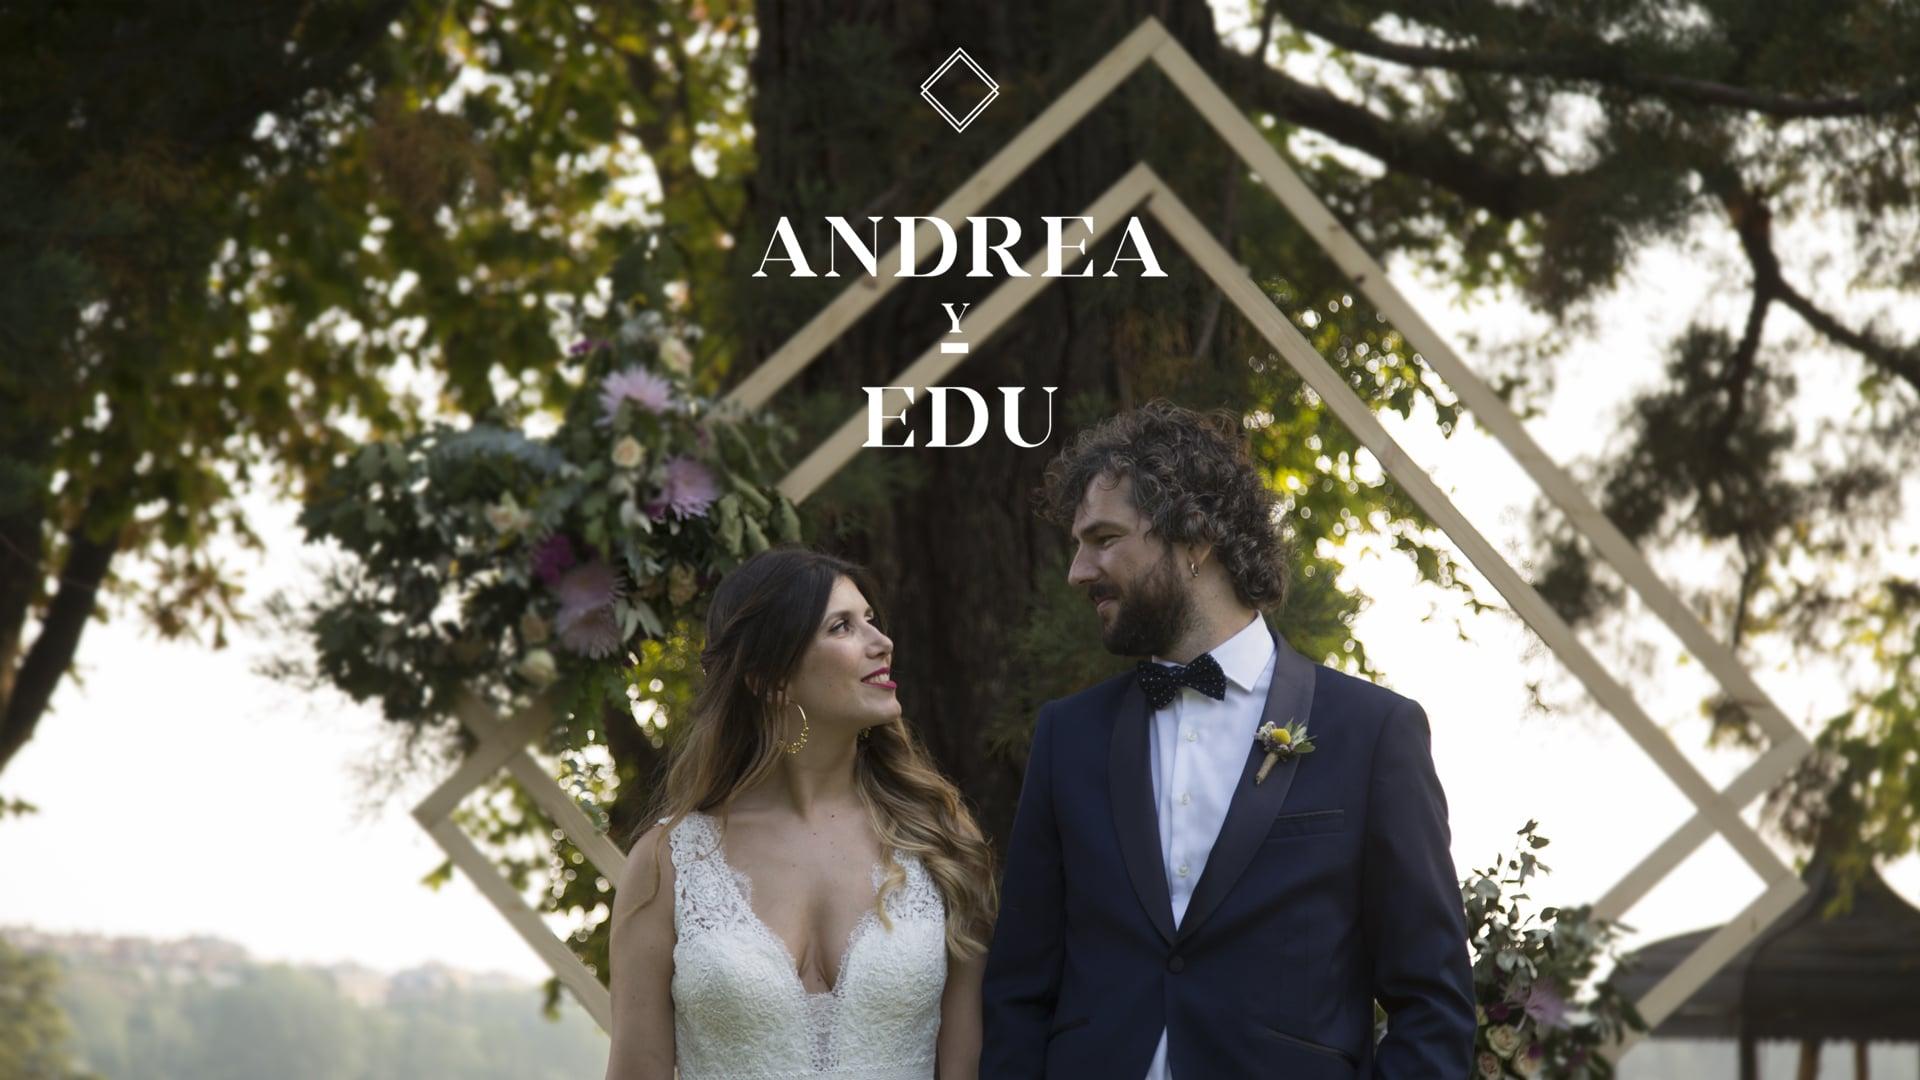 Andrea + Edu